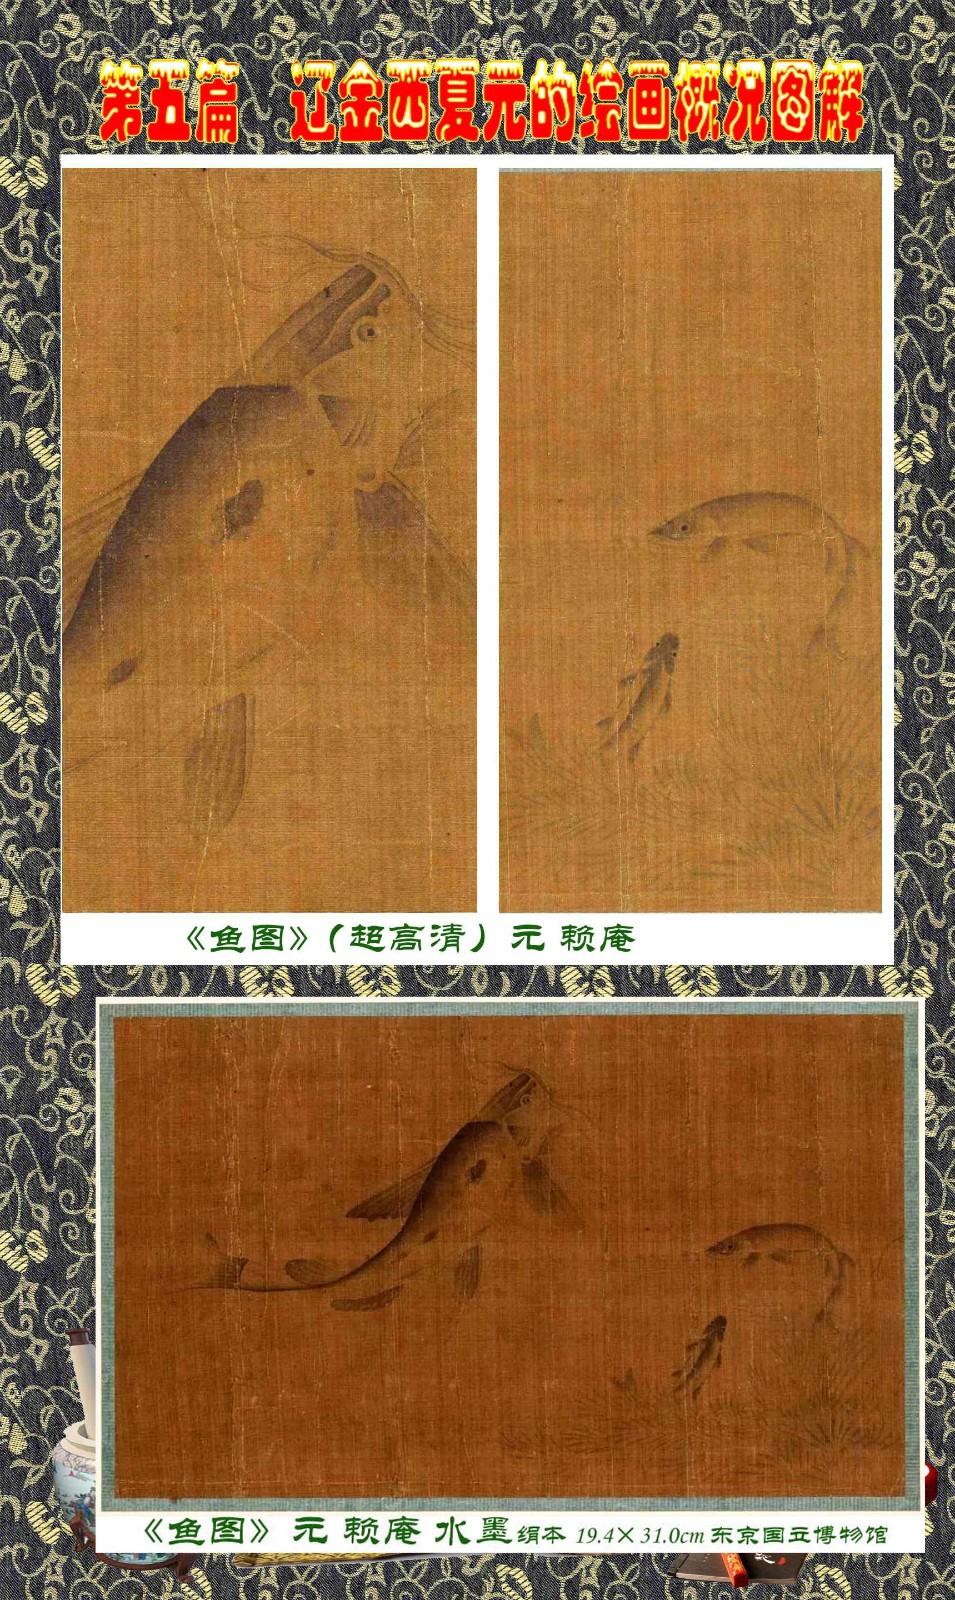 顾绍骅编辑 中国画知识普及版 第五篇 辽金西夏元的绘画概况 下 ... ..._图1-80